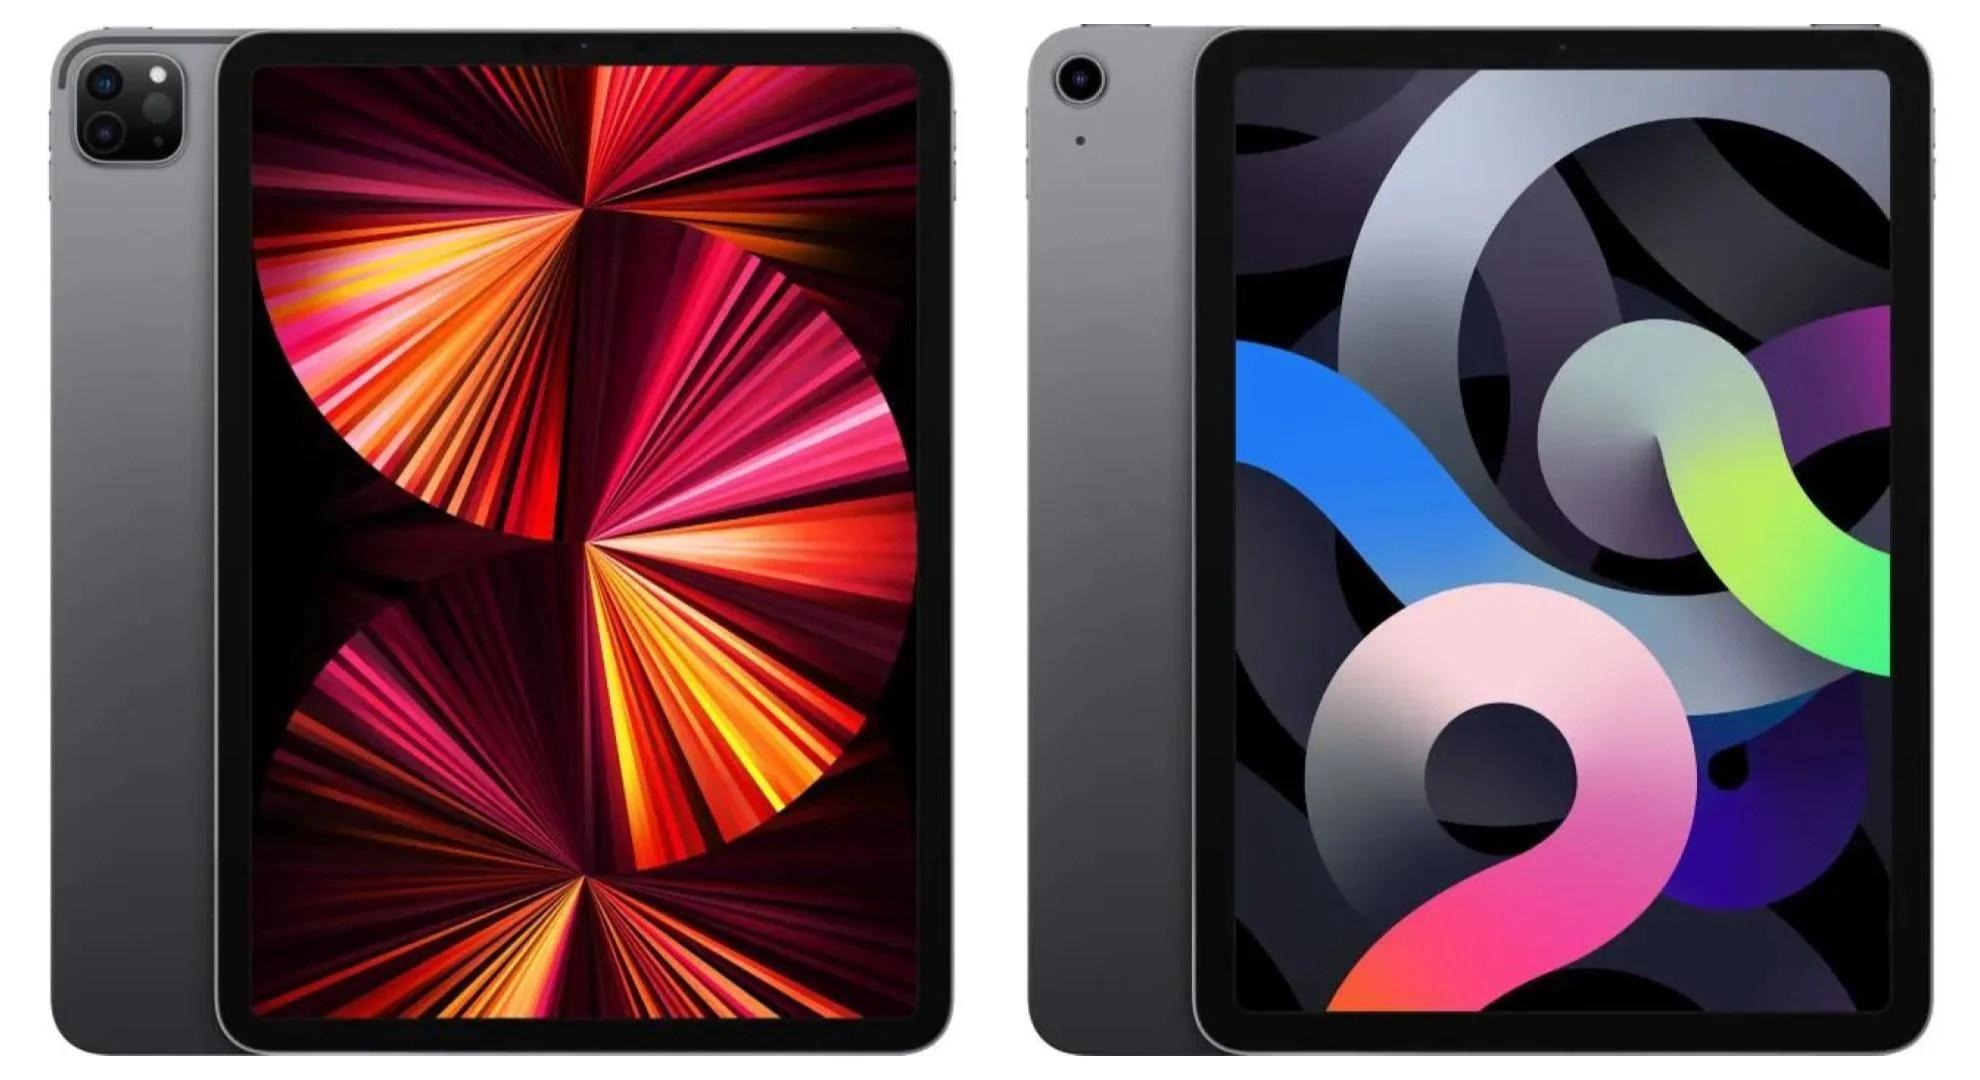 Grâce à un code promo, les iPad Pro 11 M1 et iPad Air 2020 sont nettement moins chers